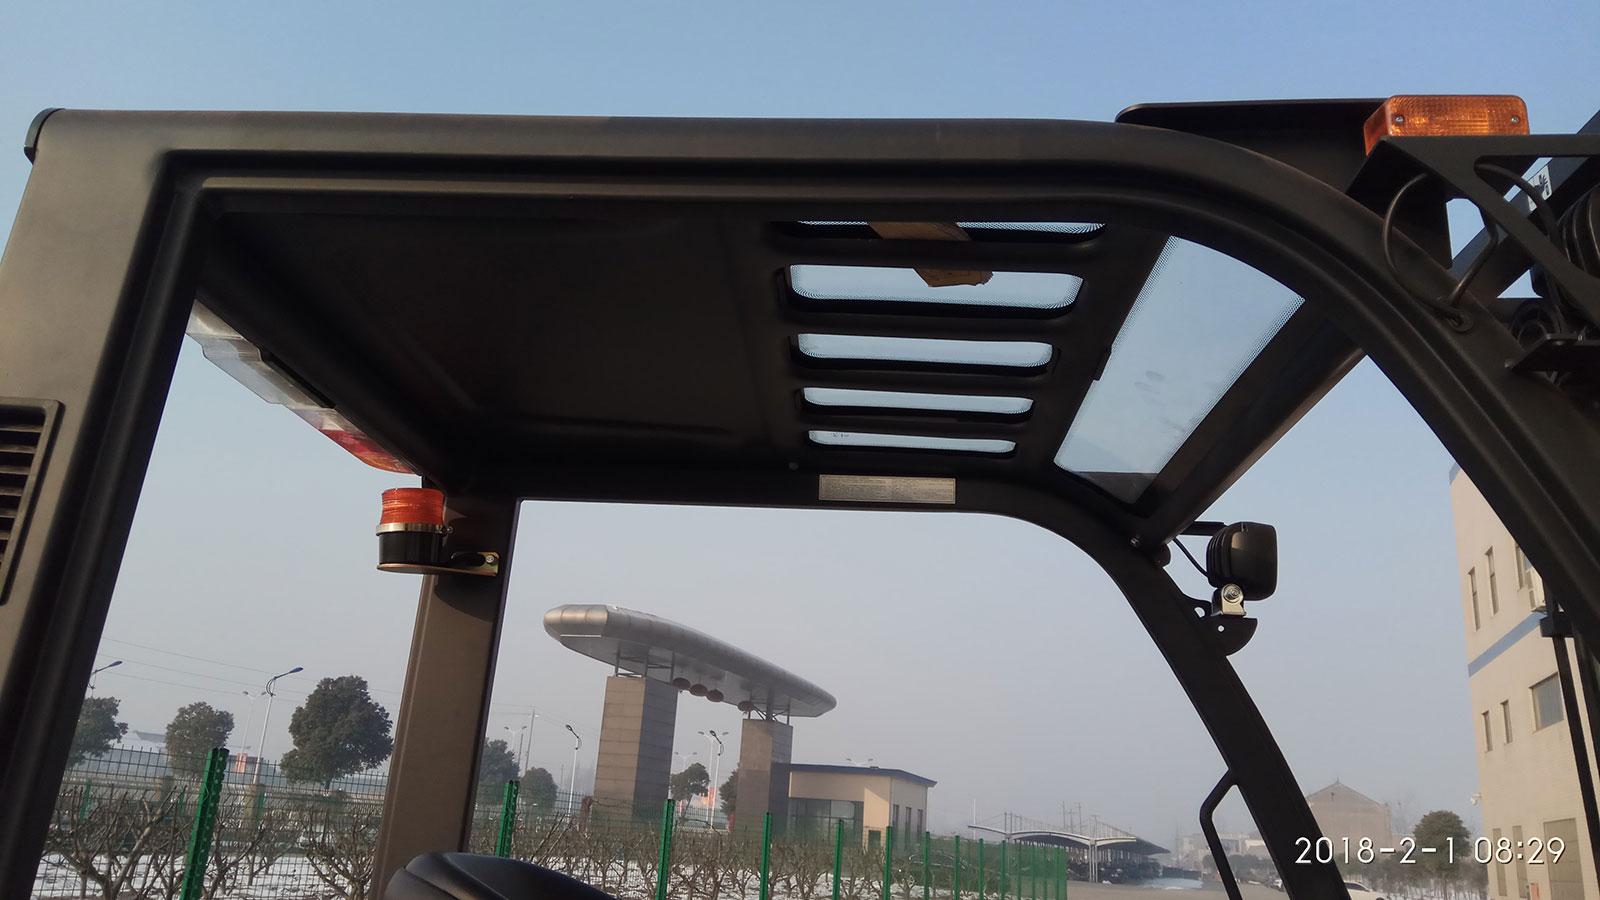 khung xe nâng dầu mga forklift 3.5 tấn